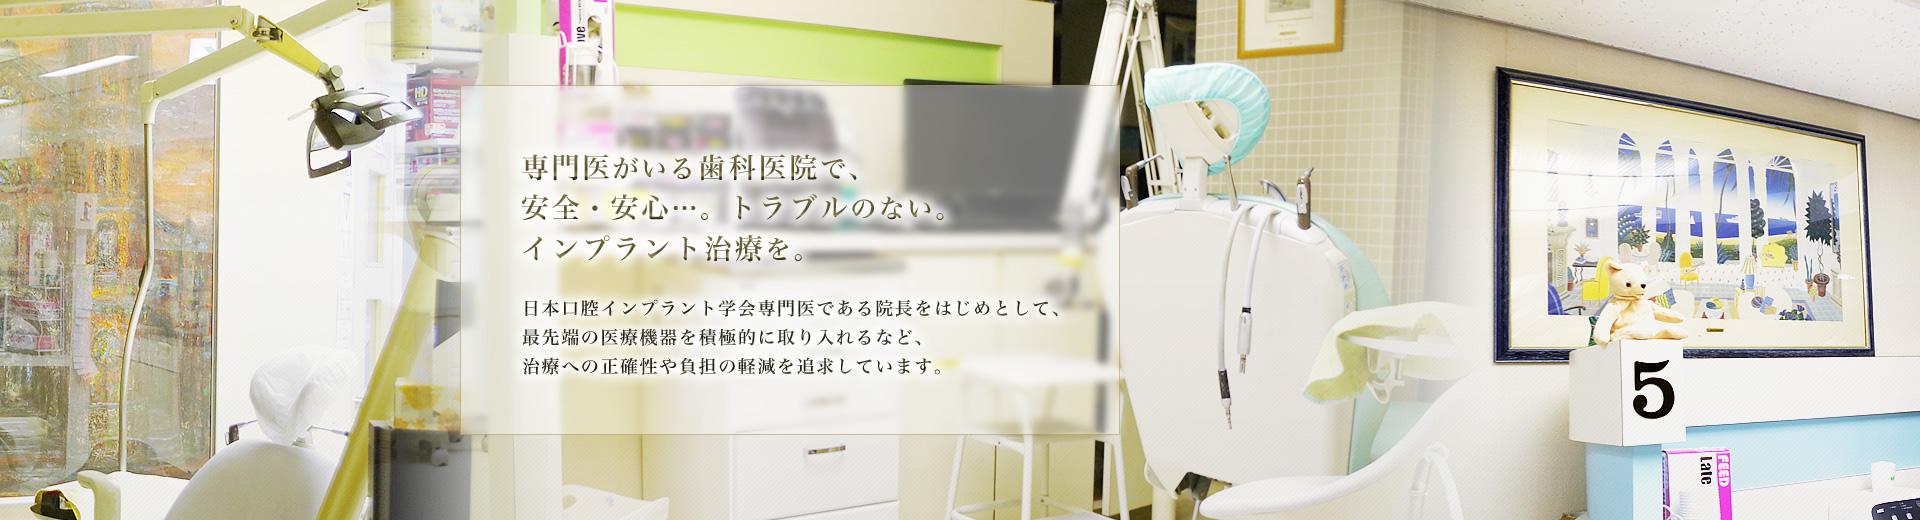 専門医がいる歯科医院で、安全・安心…。トラブルのない。インプラント治療を。